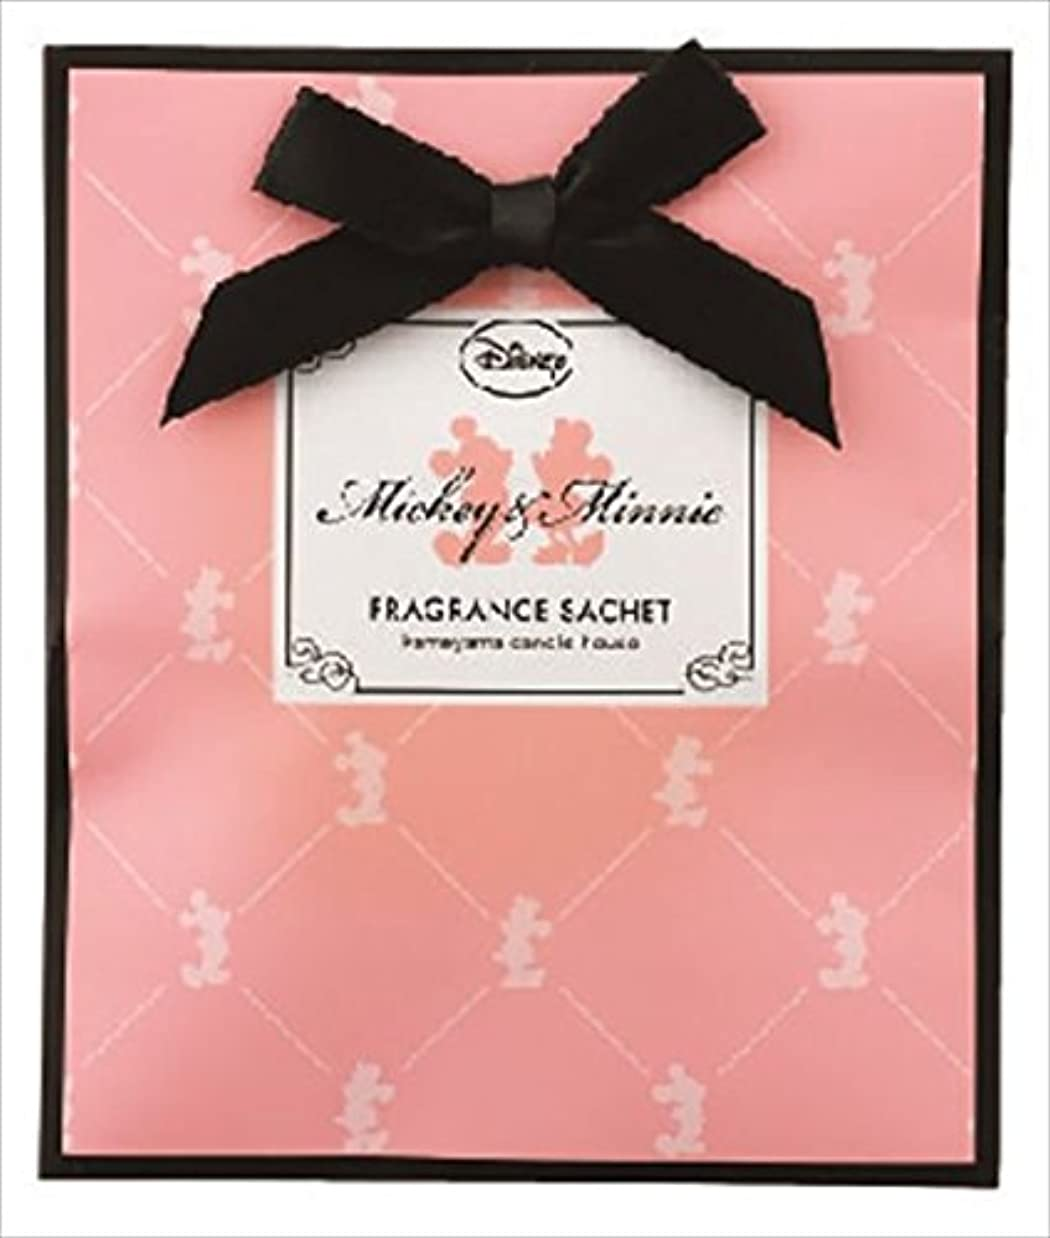 バーゲン変化論理的にkameyama candle(カメヤマキャンドル) ディズニーフレグランスサシェ 「 ミッキー&ミニー 」 ルームフレグランス 110x130x12mm (E3210510)